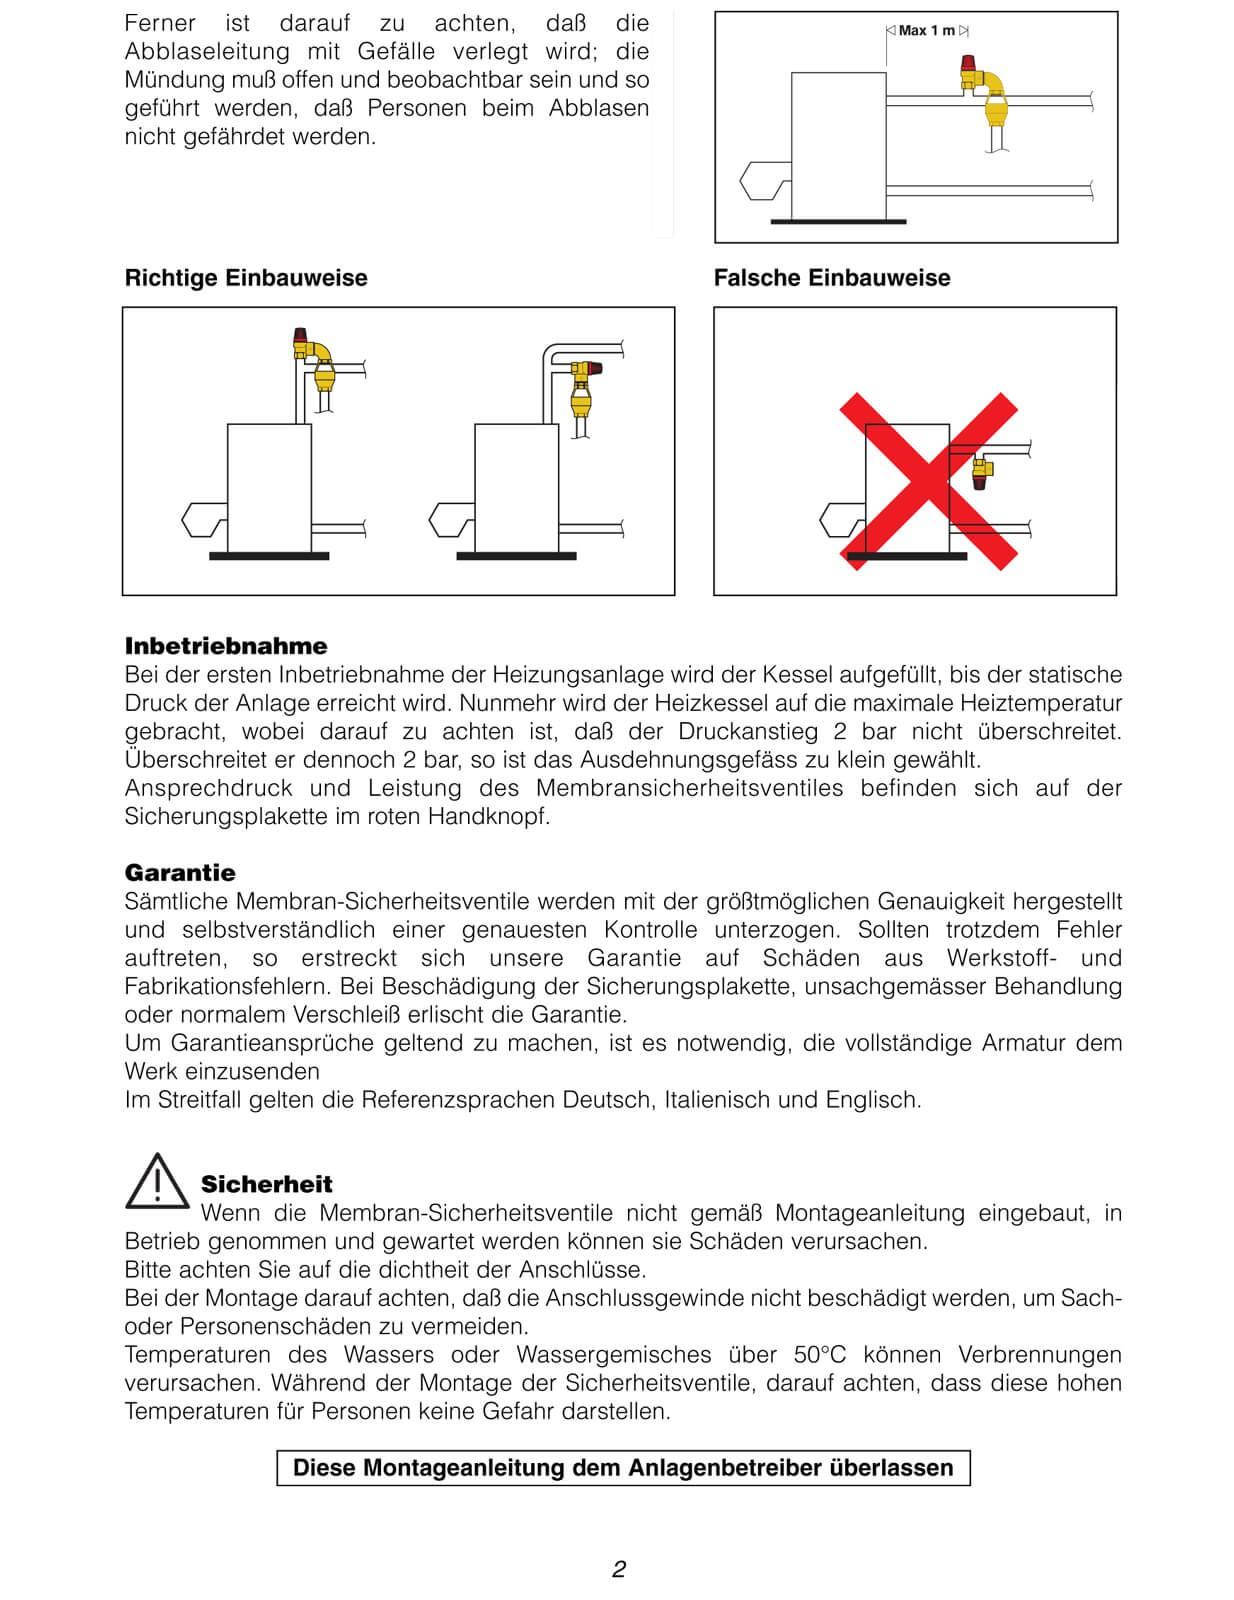 Ausgezeichnet Zweck Des Kessels Galerie - Elektrische Schaltplan ...